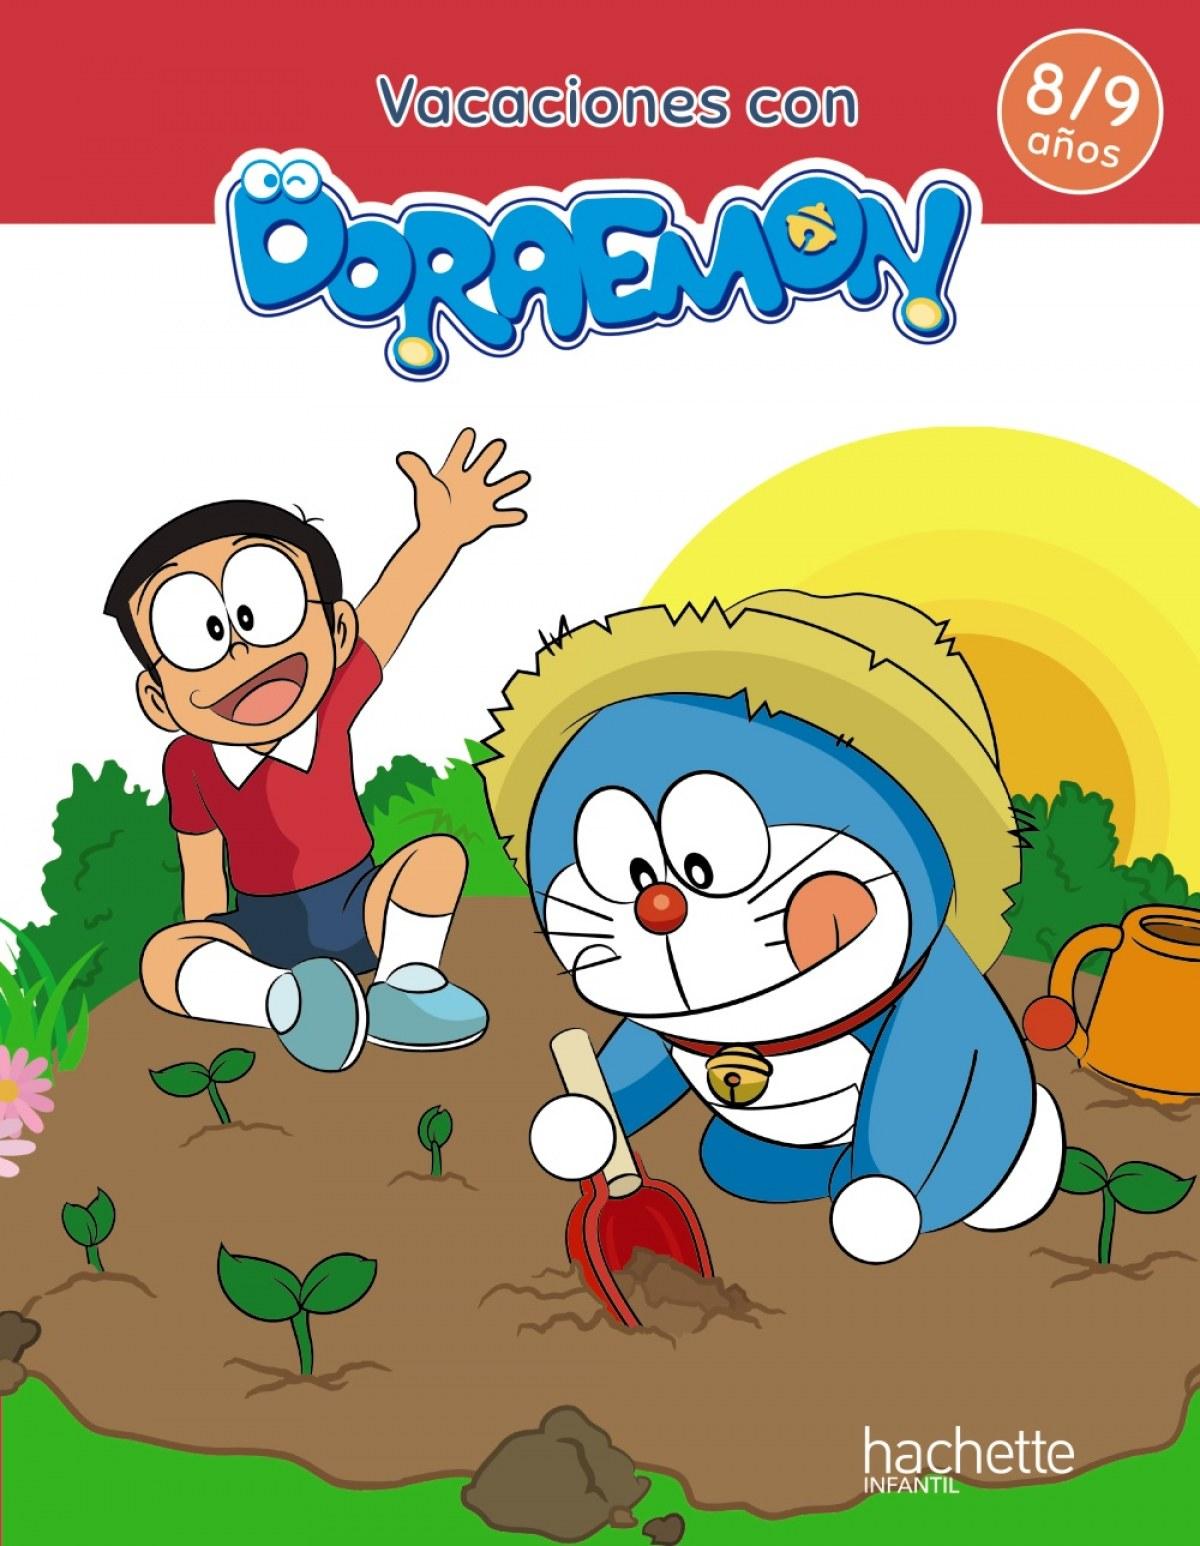 Vacaciones con Doraemon 8-9 años